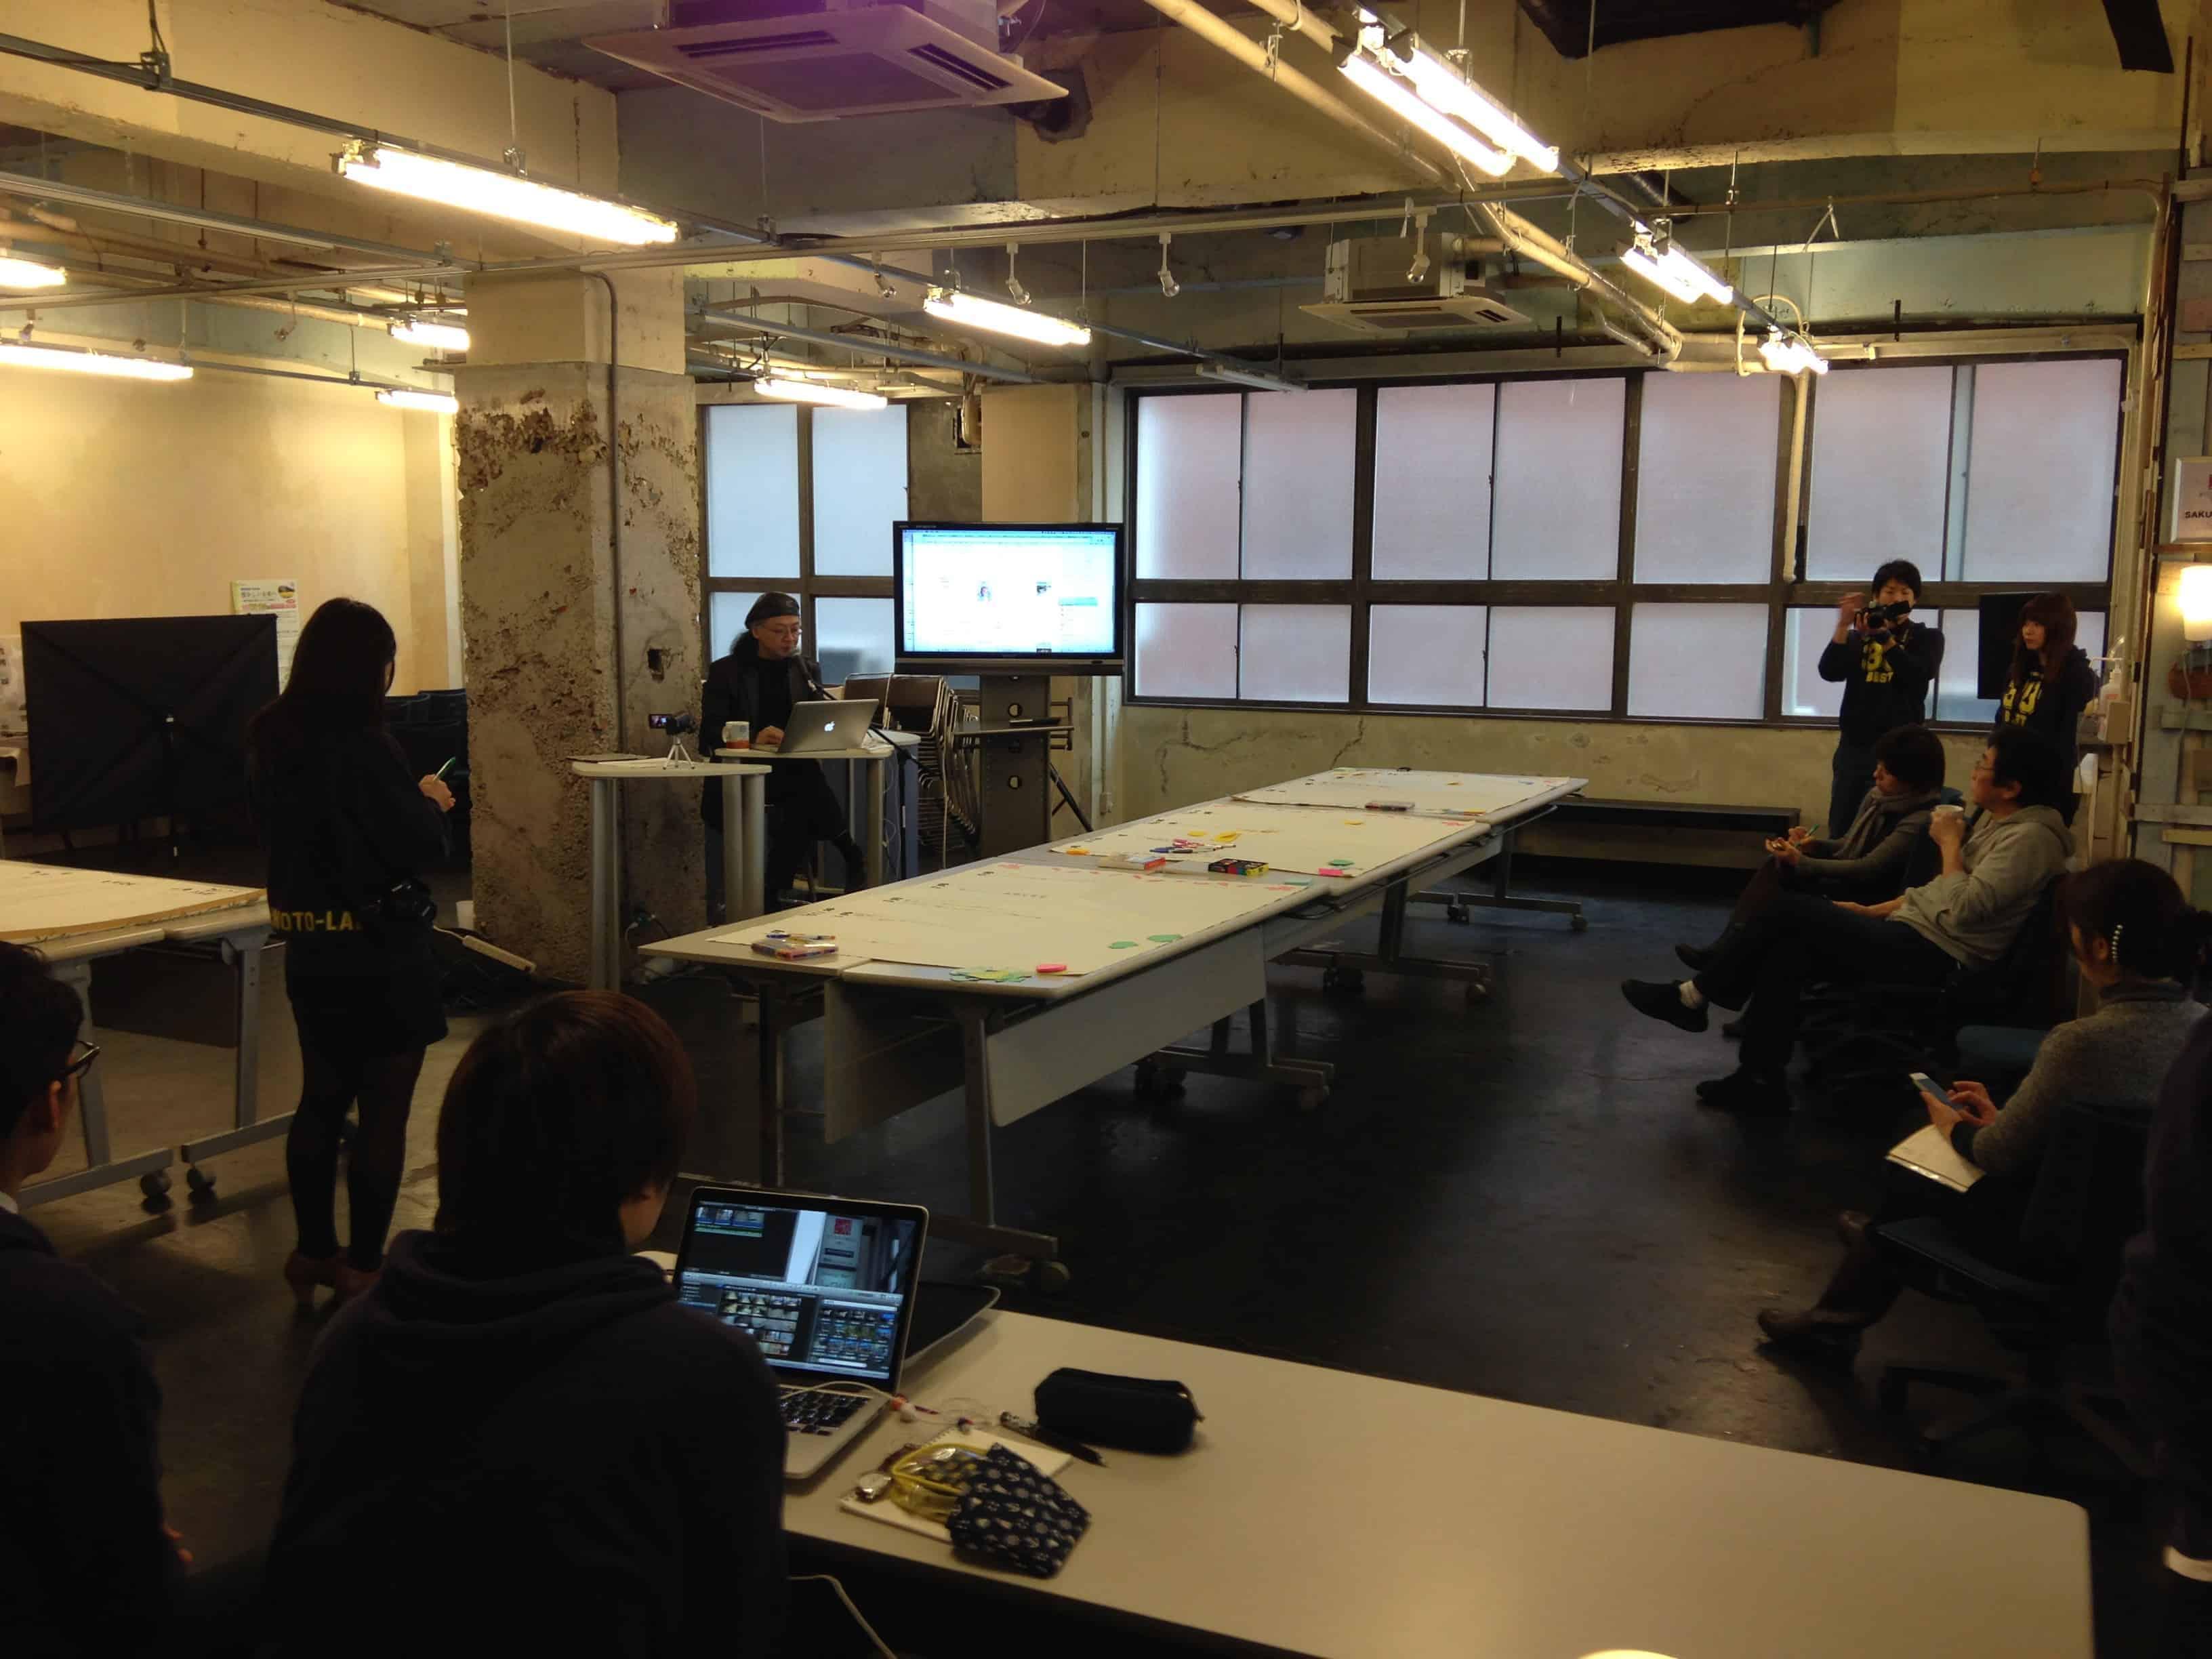 March 01 2014 at 1103AM - 我々にできる貢献もあるはず 横浜コミュニティデザイン・ラボさんとのコラボレーション